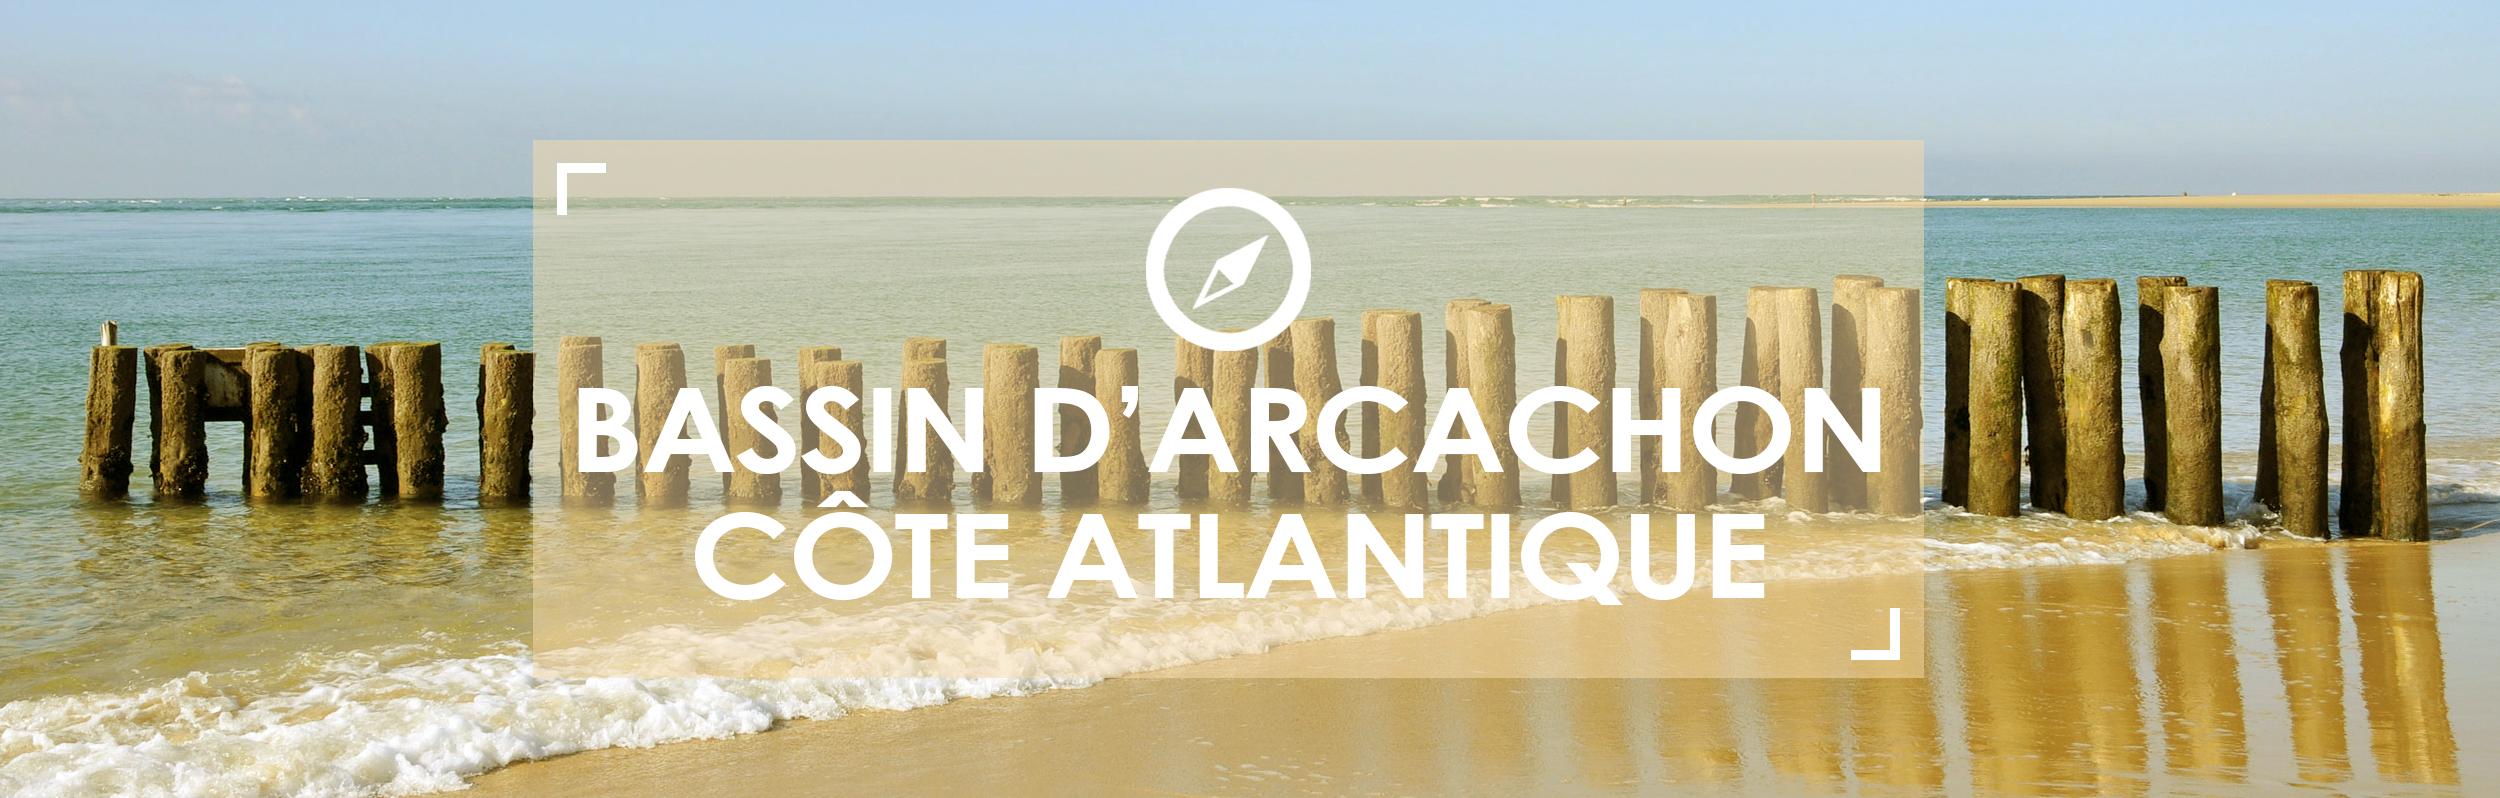 Bassin d'Arcachon - Côte Atlantique